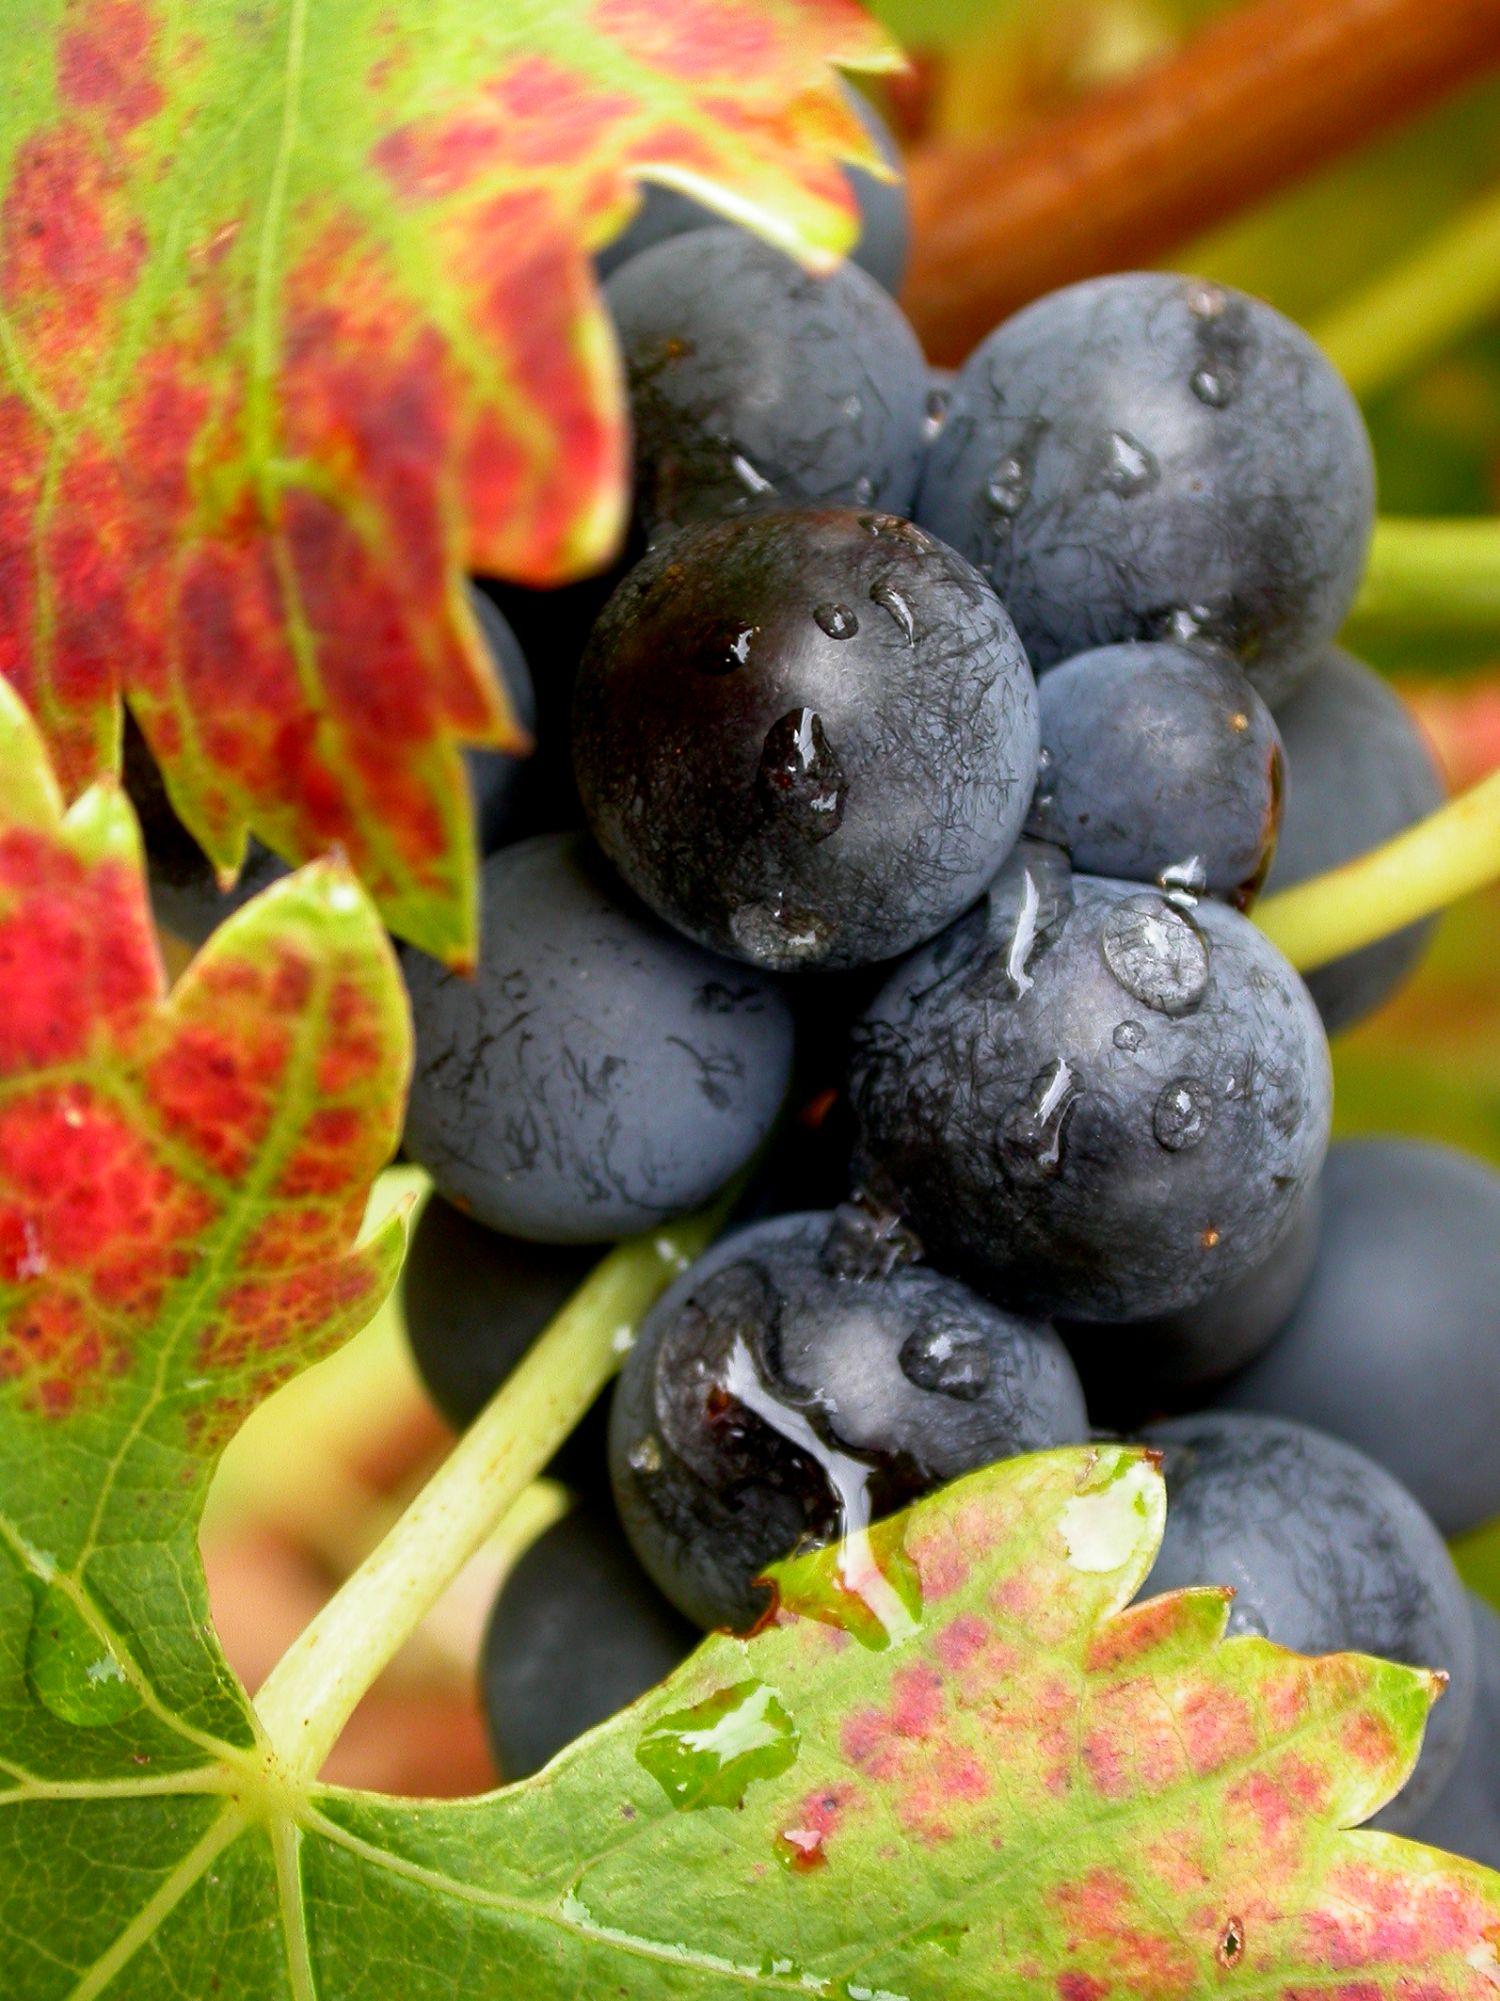 Chene Bleu grapes